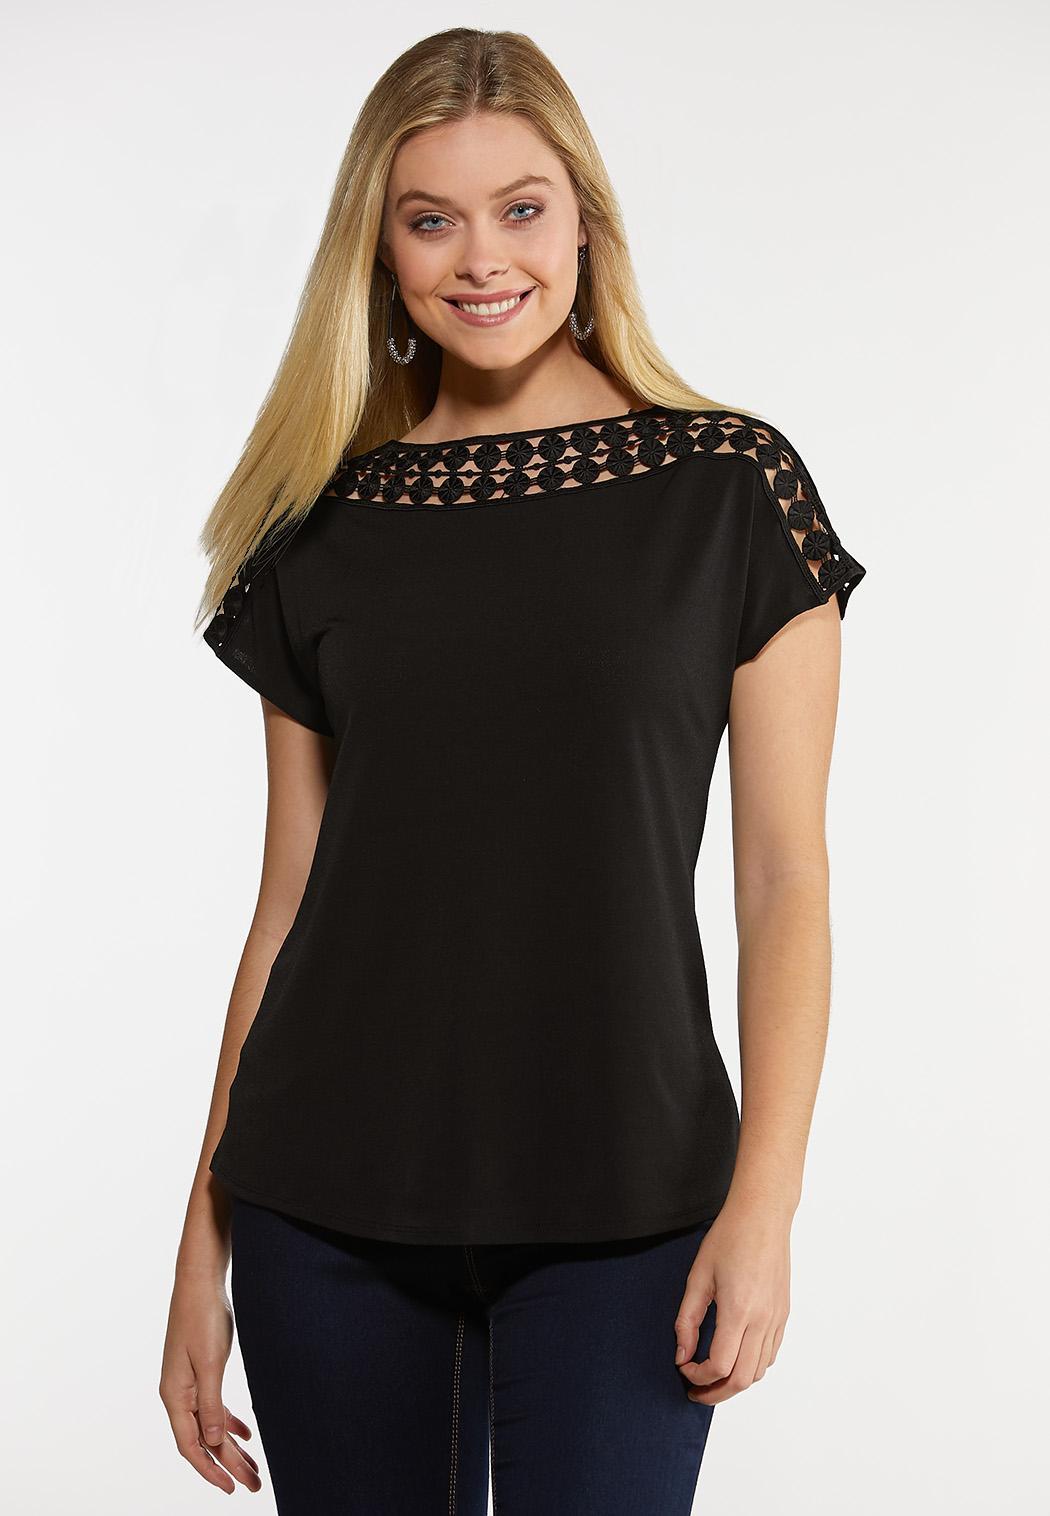 Black Crochet Neck Top